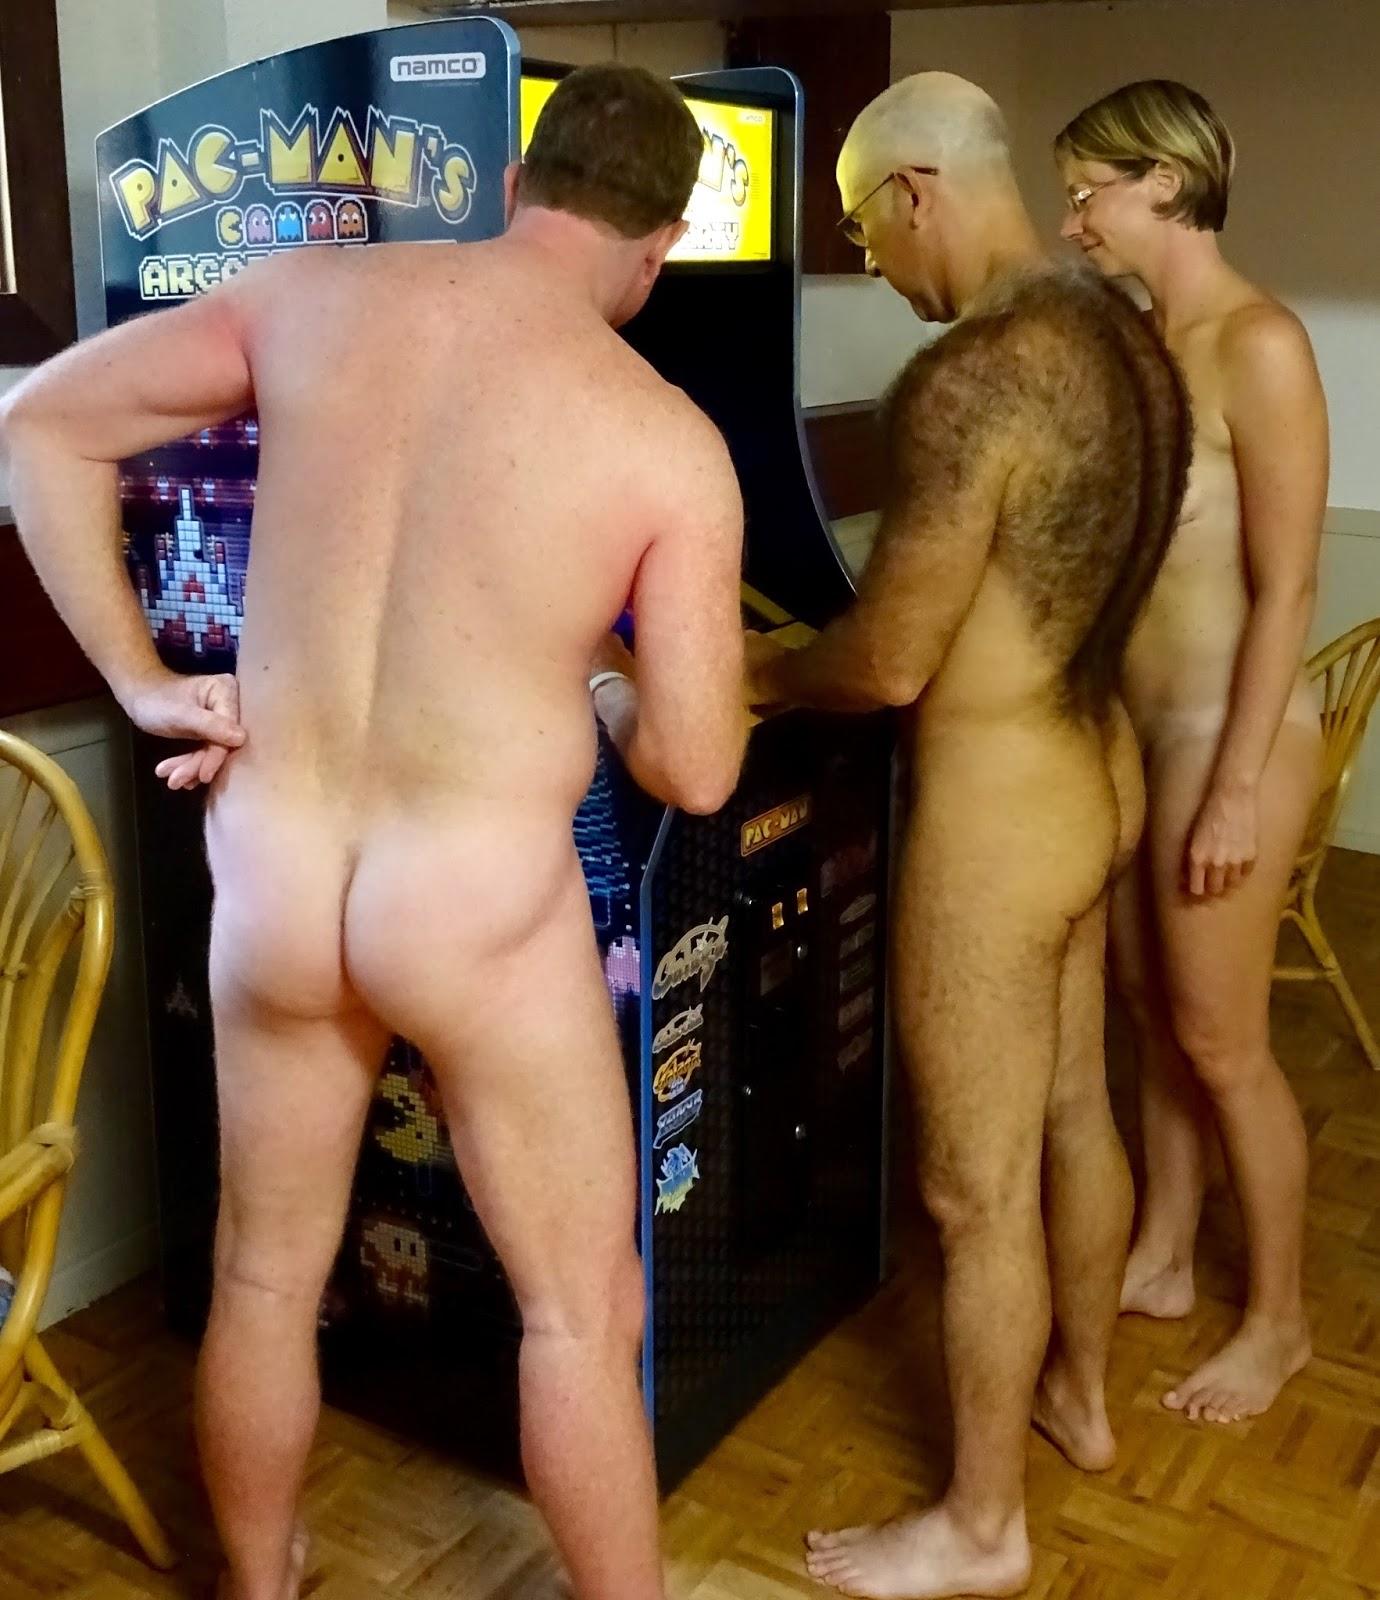 Nude Galaga video game